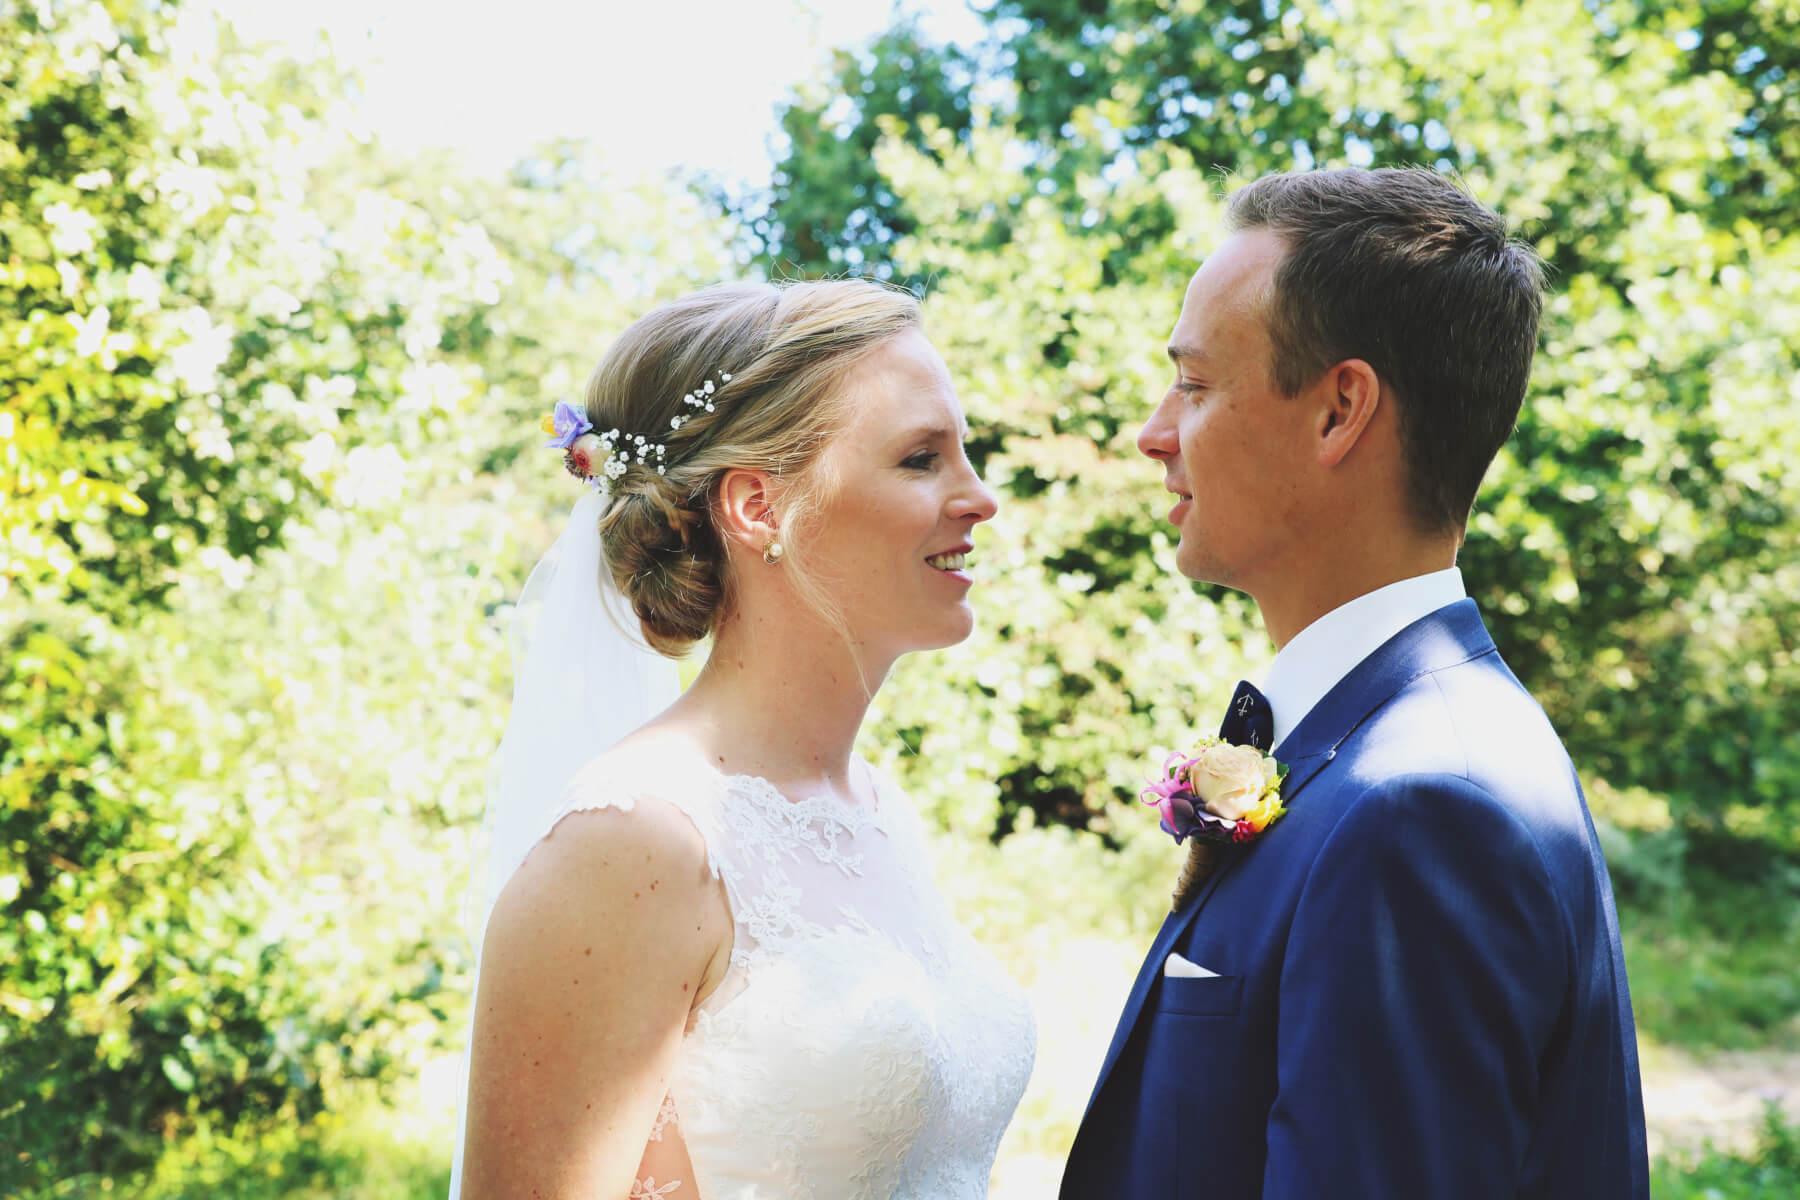 Realwedding